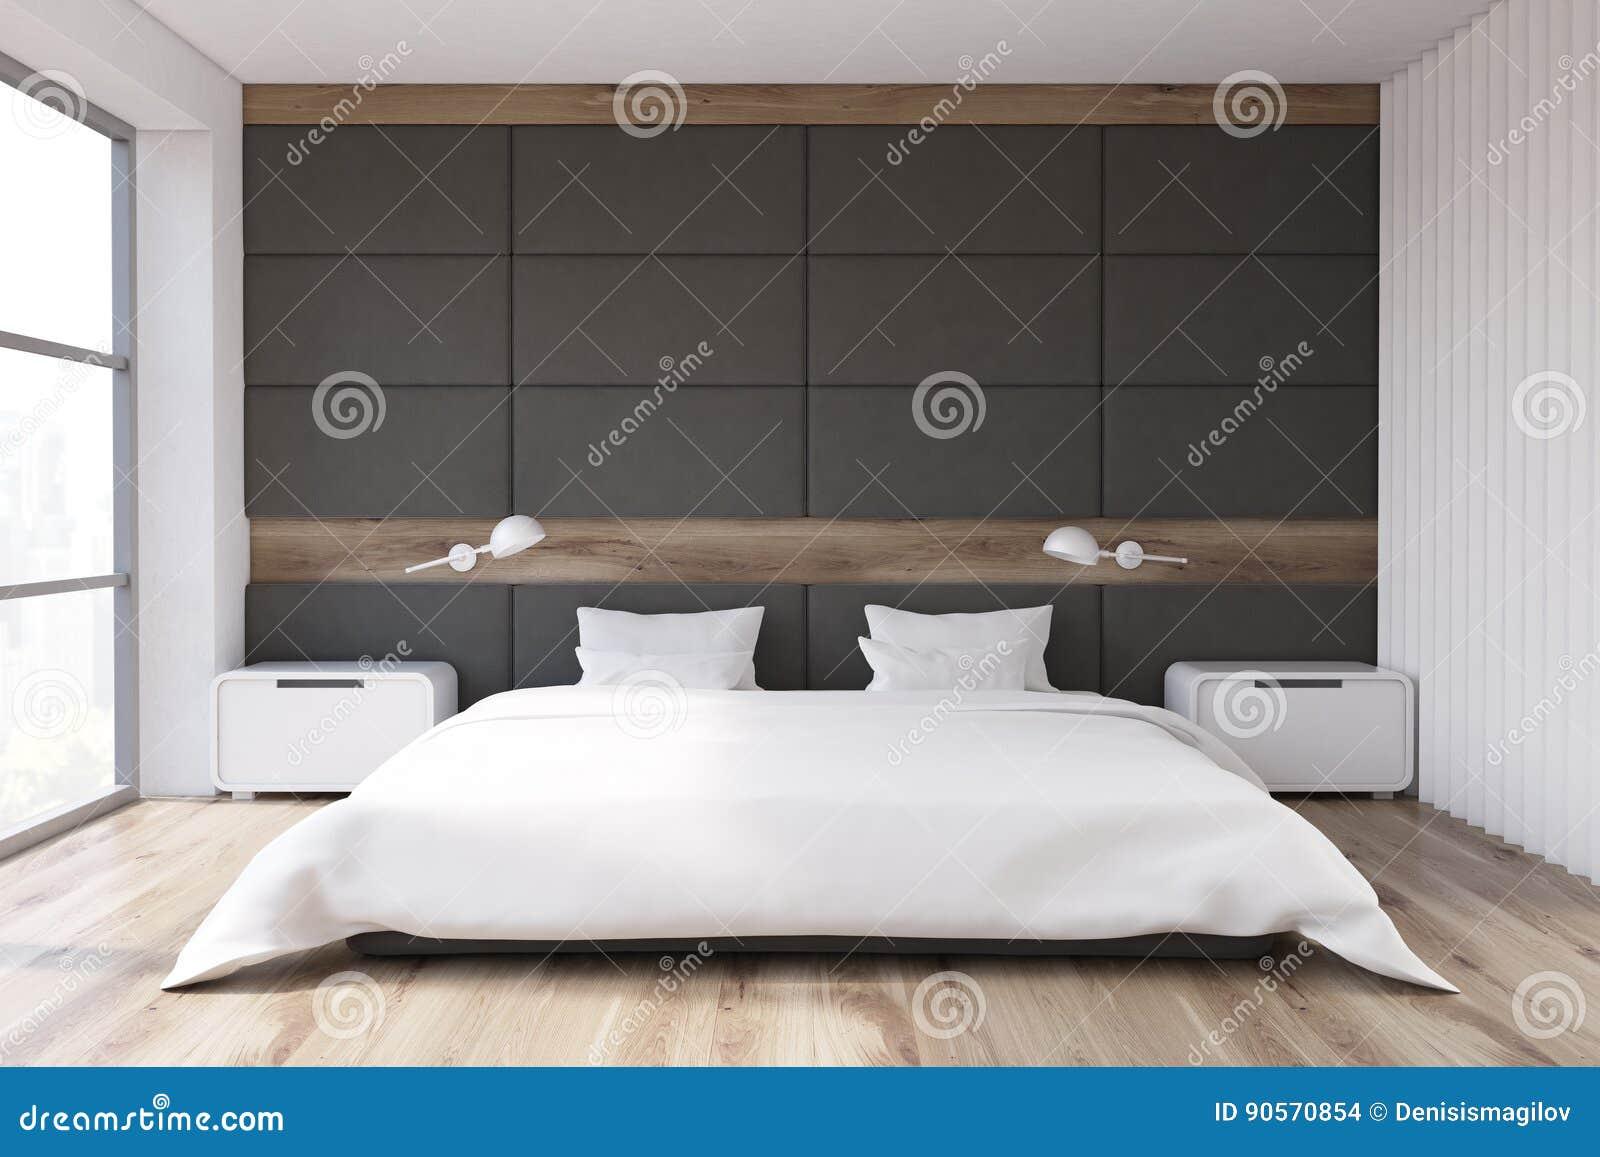 Parete Camera Da Letto Grigia : Camera da letto con la parete grigia illustrazione di